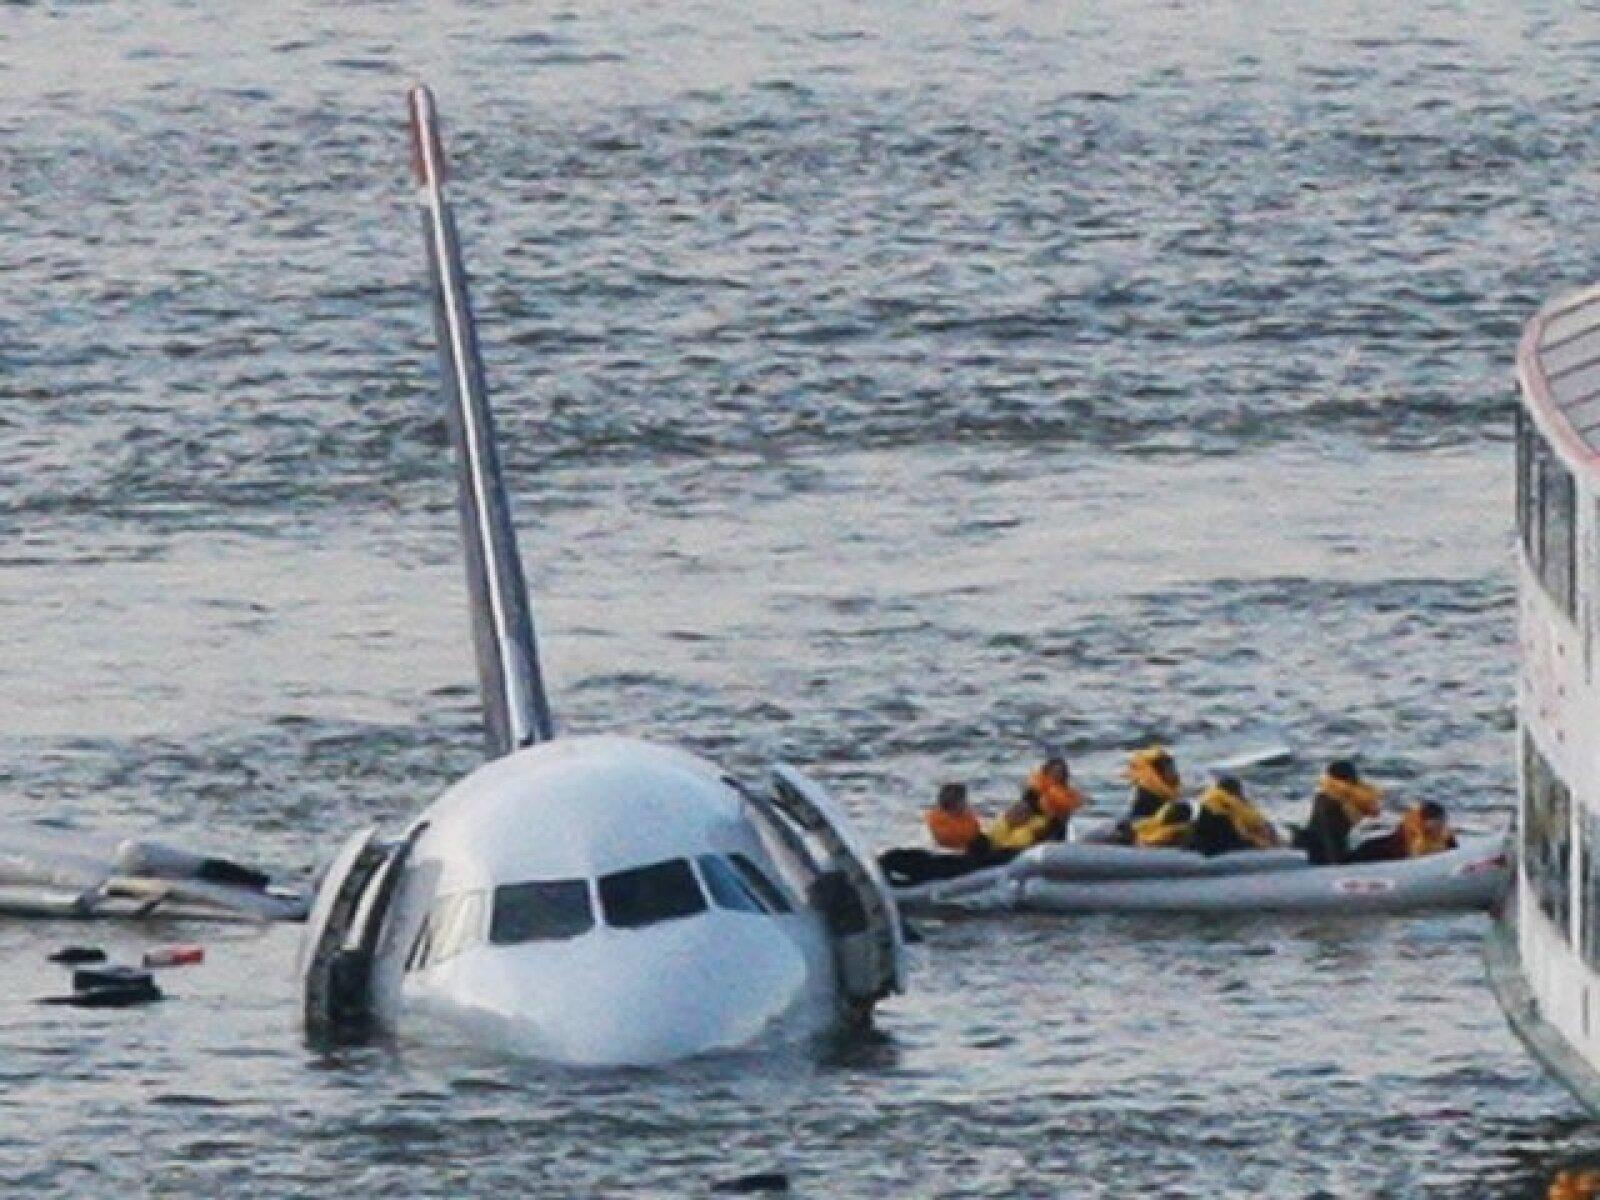 El avión, un Airbus 320, pudo haber sido golpeado por pájaros.